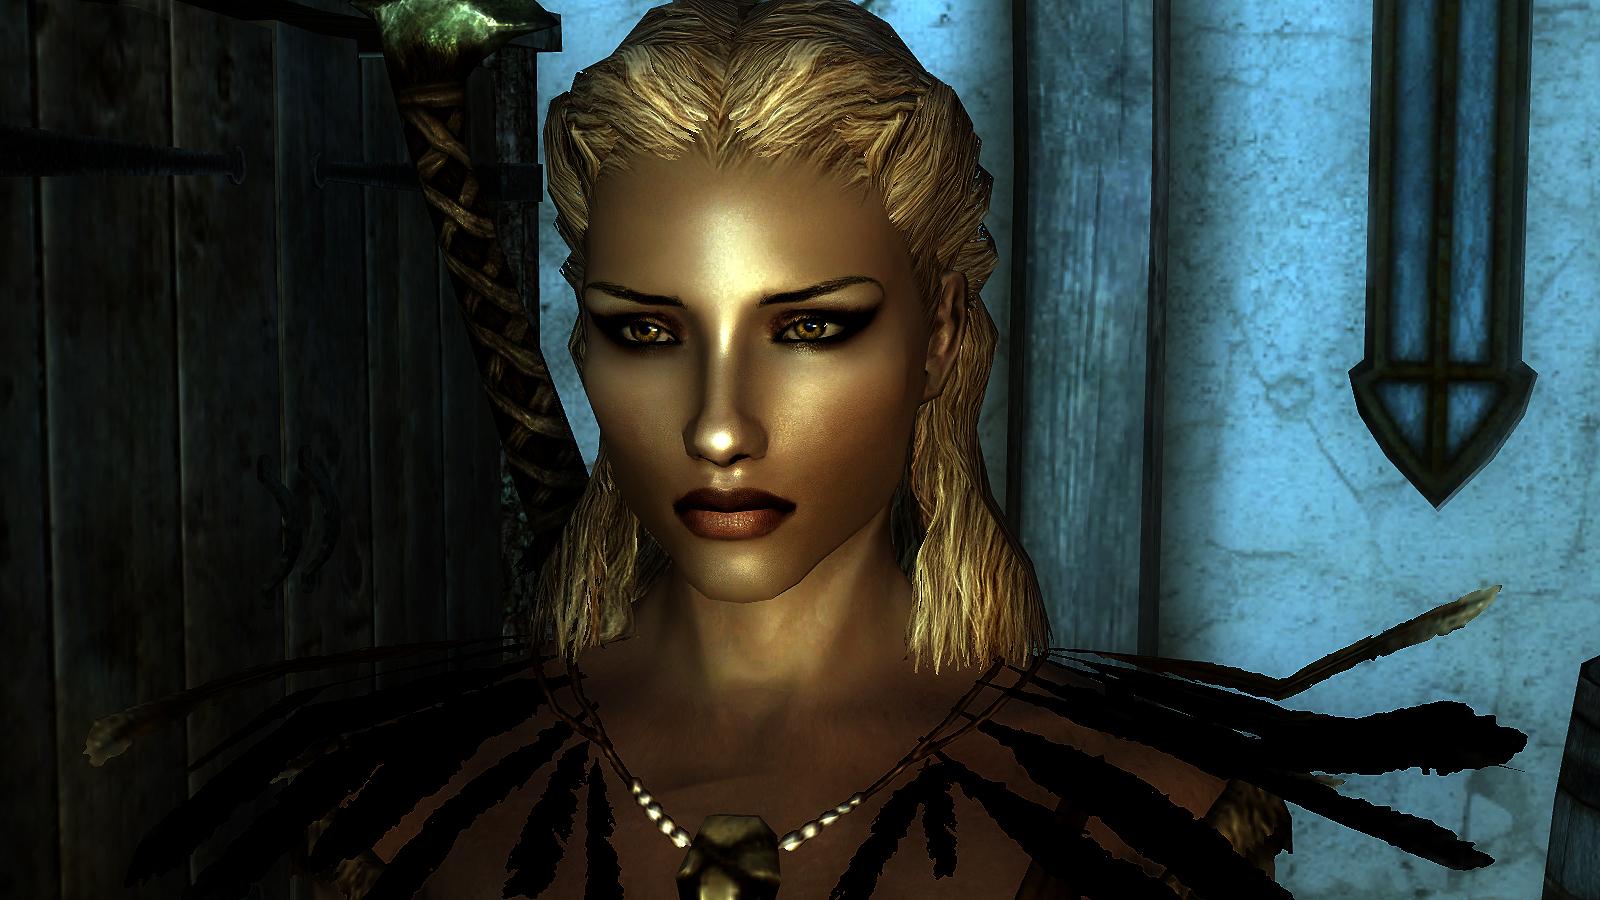 Как сделать красивый персонаж в skyrim 743